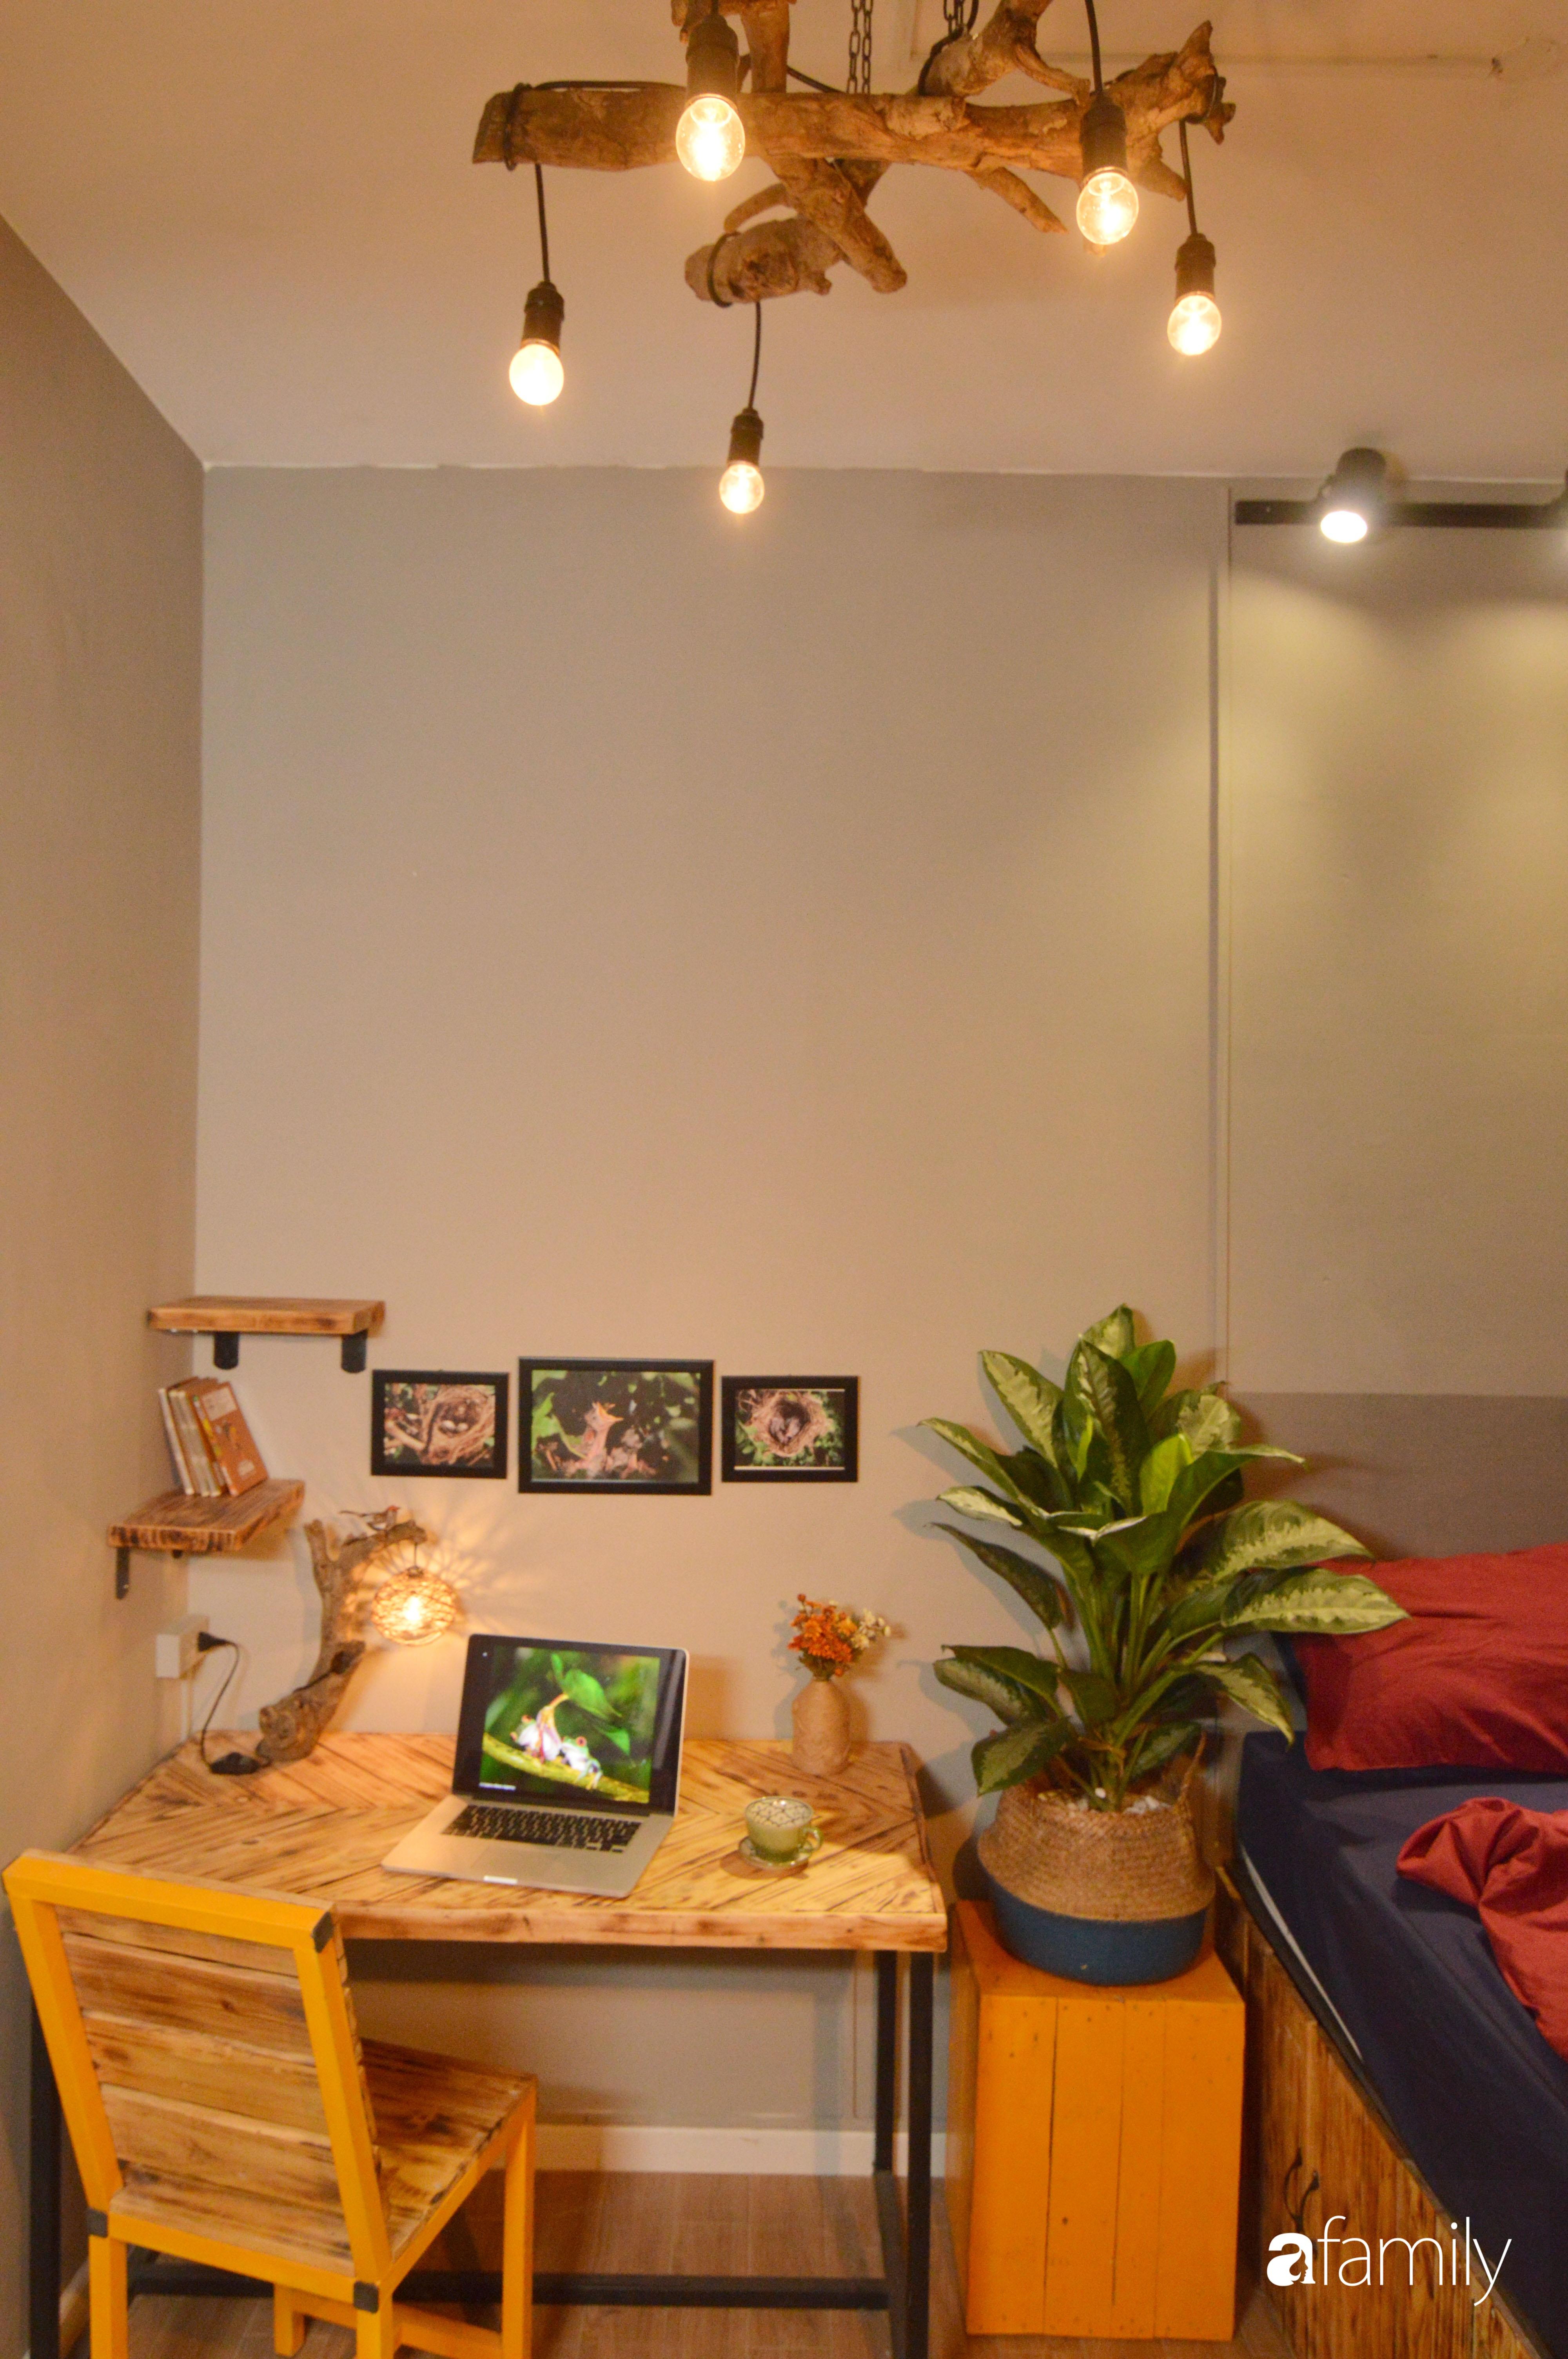 Tự phá bỏ các quy tắc décor thông thường, căn hộ Quận 7 của diễn viên Linh Sơn đẹp cá tính với điểm nhấn sắc đỏ nồng nàn - Ảnh 13.